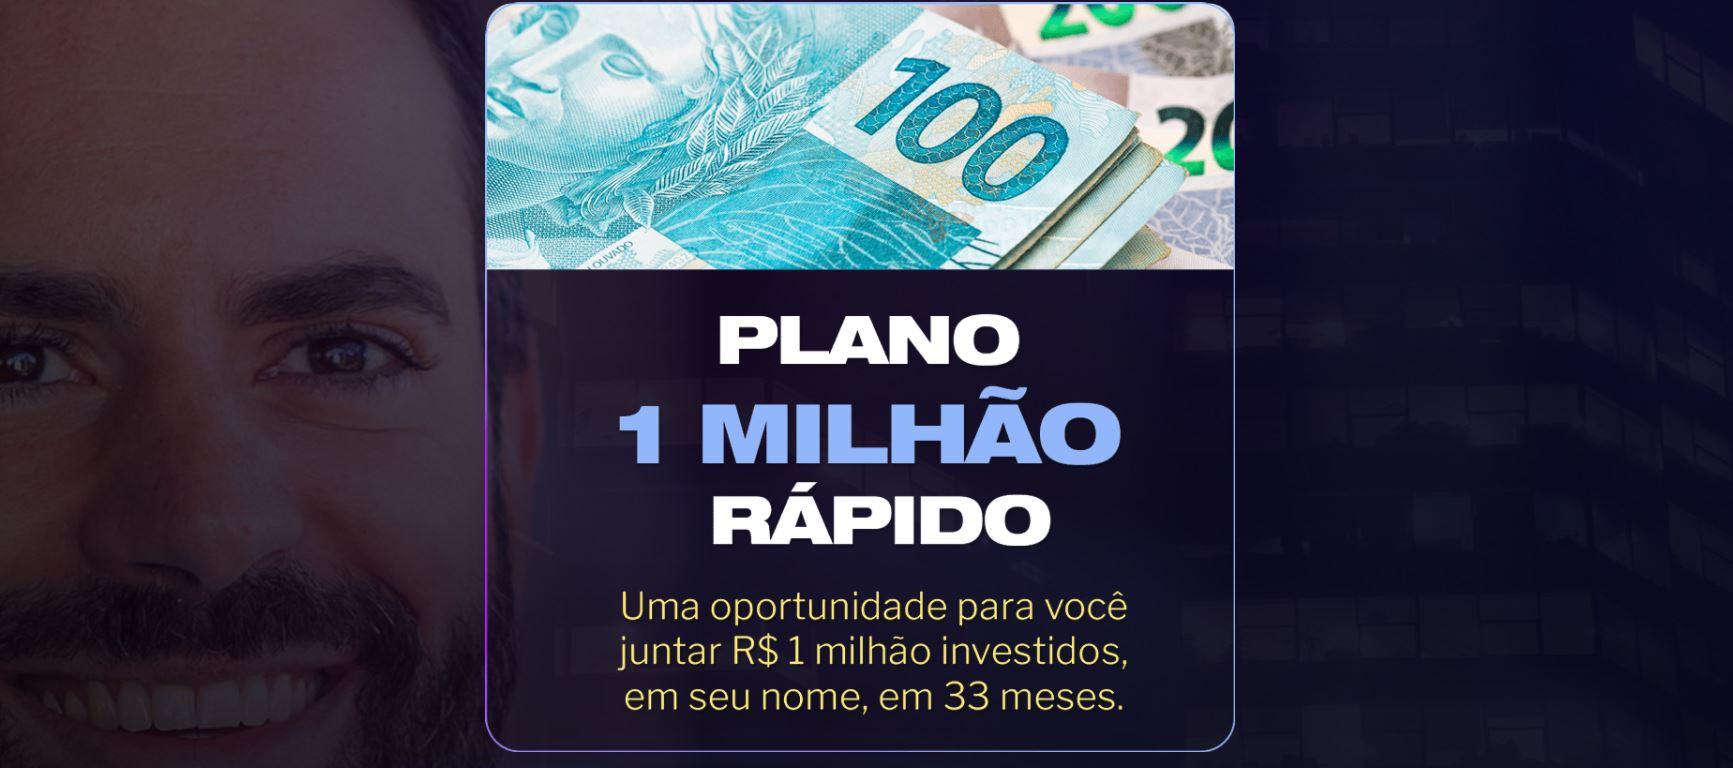 Campanha de marketing digital da Empiricus anuncia plano para juntar R$ 1 milhão investidos em um prazo de 33 meses.